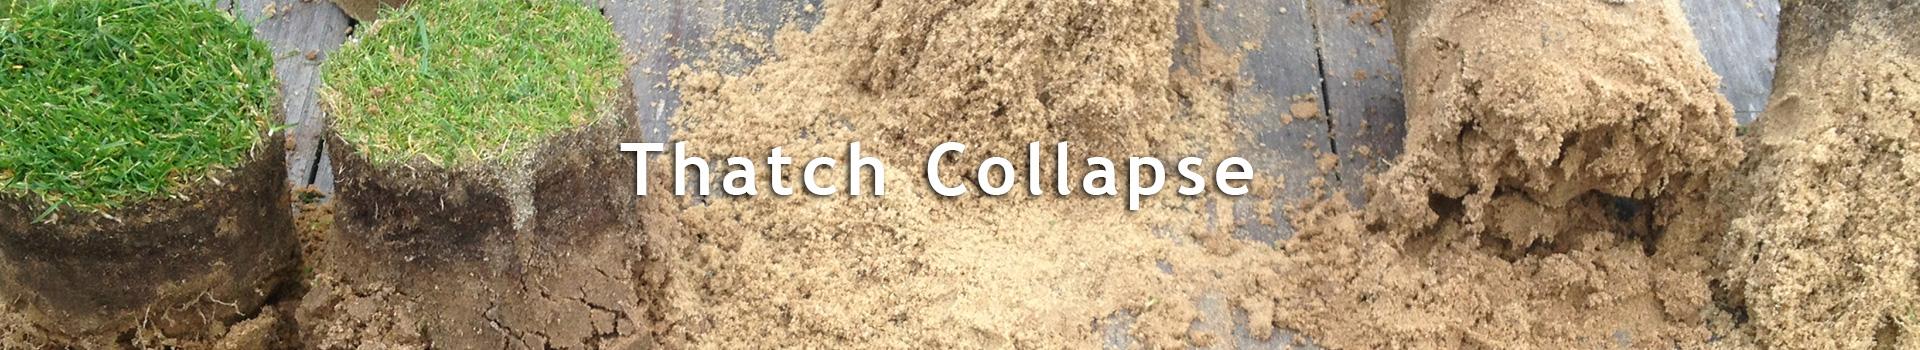 Kategoribillede_Thatch-collapse_alle-sprog